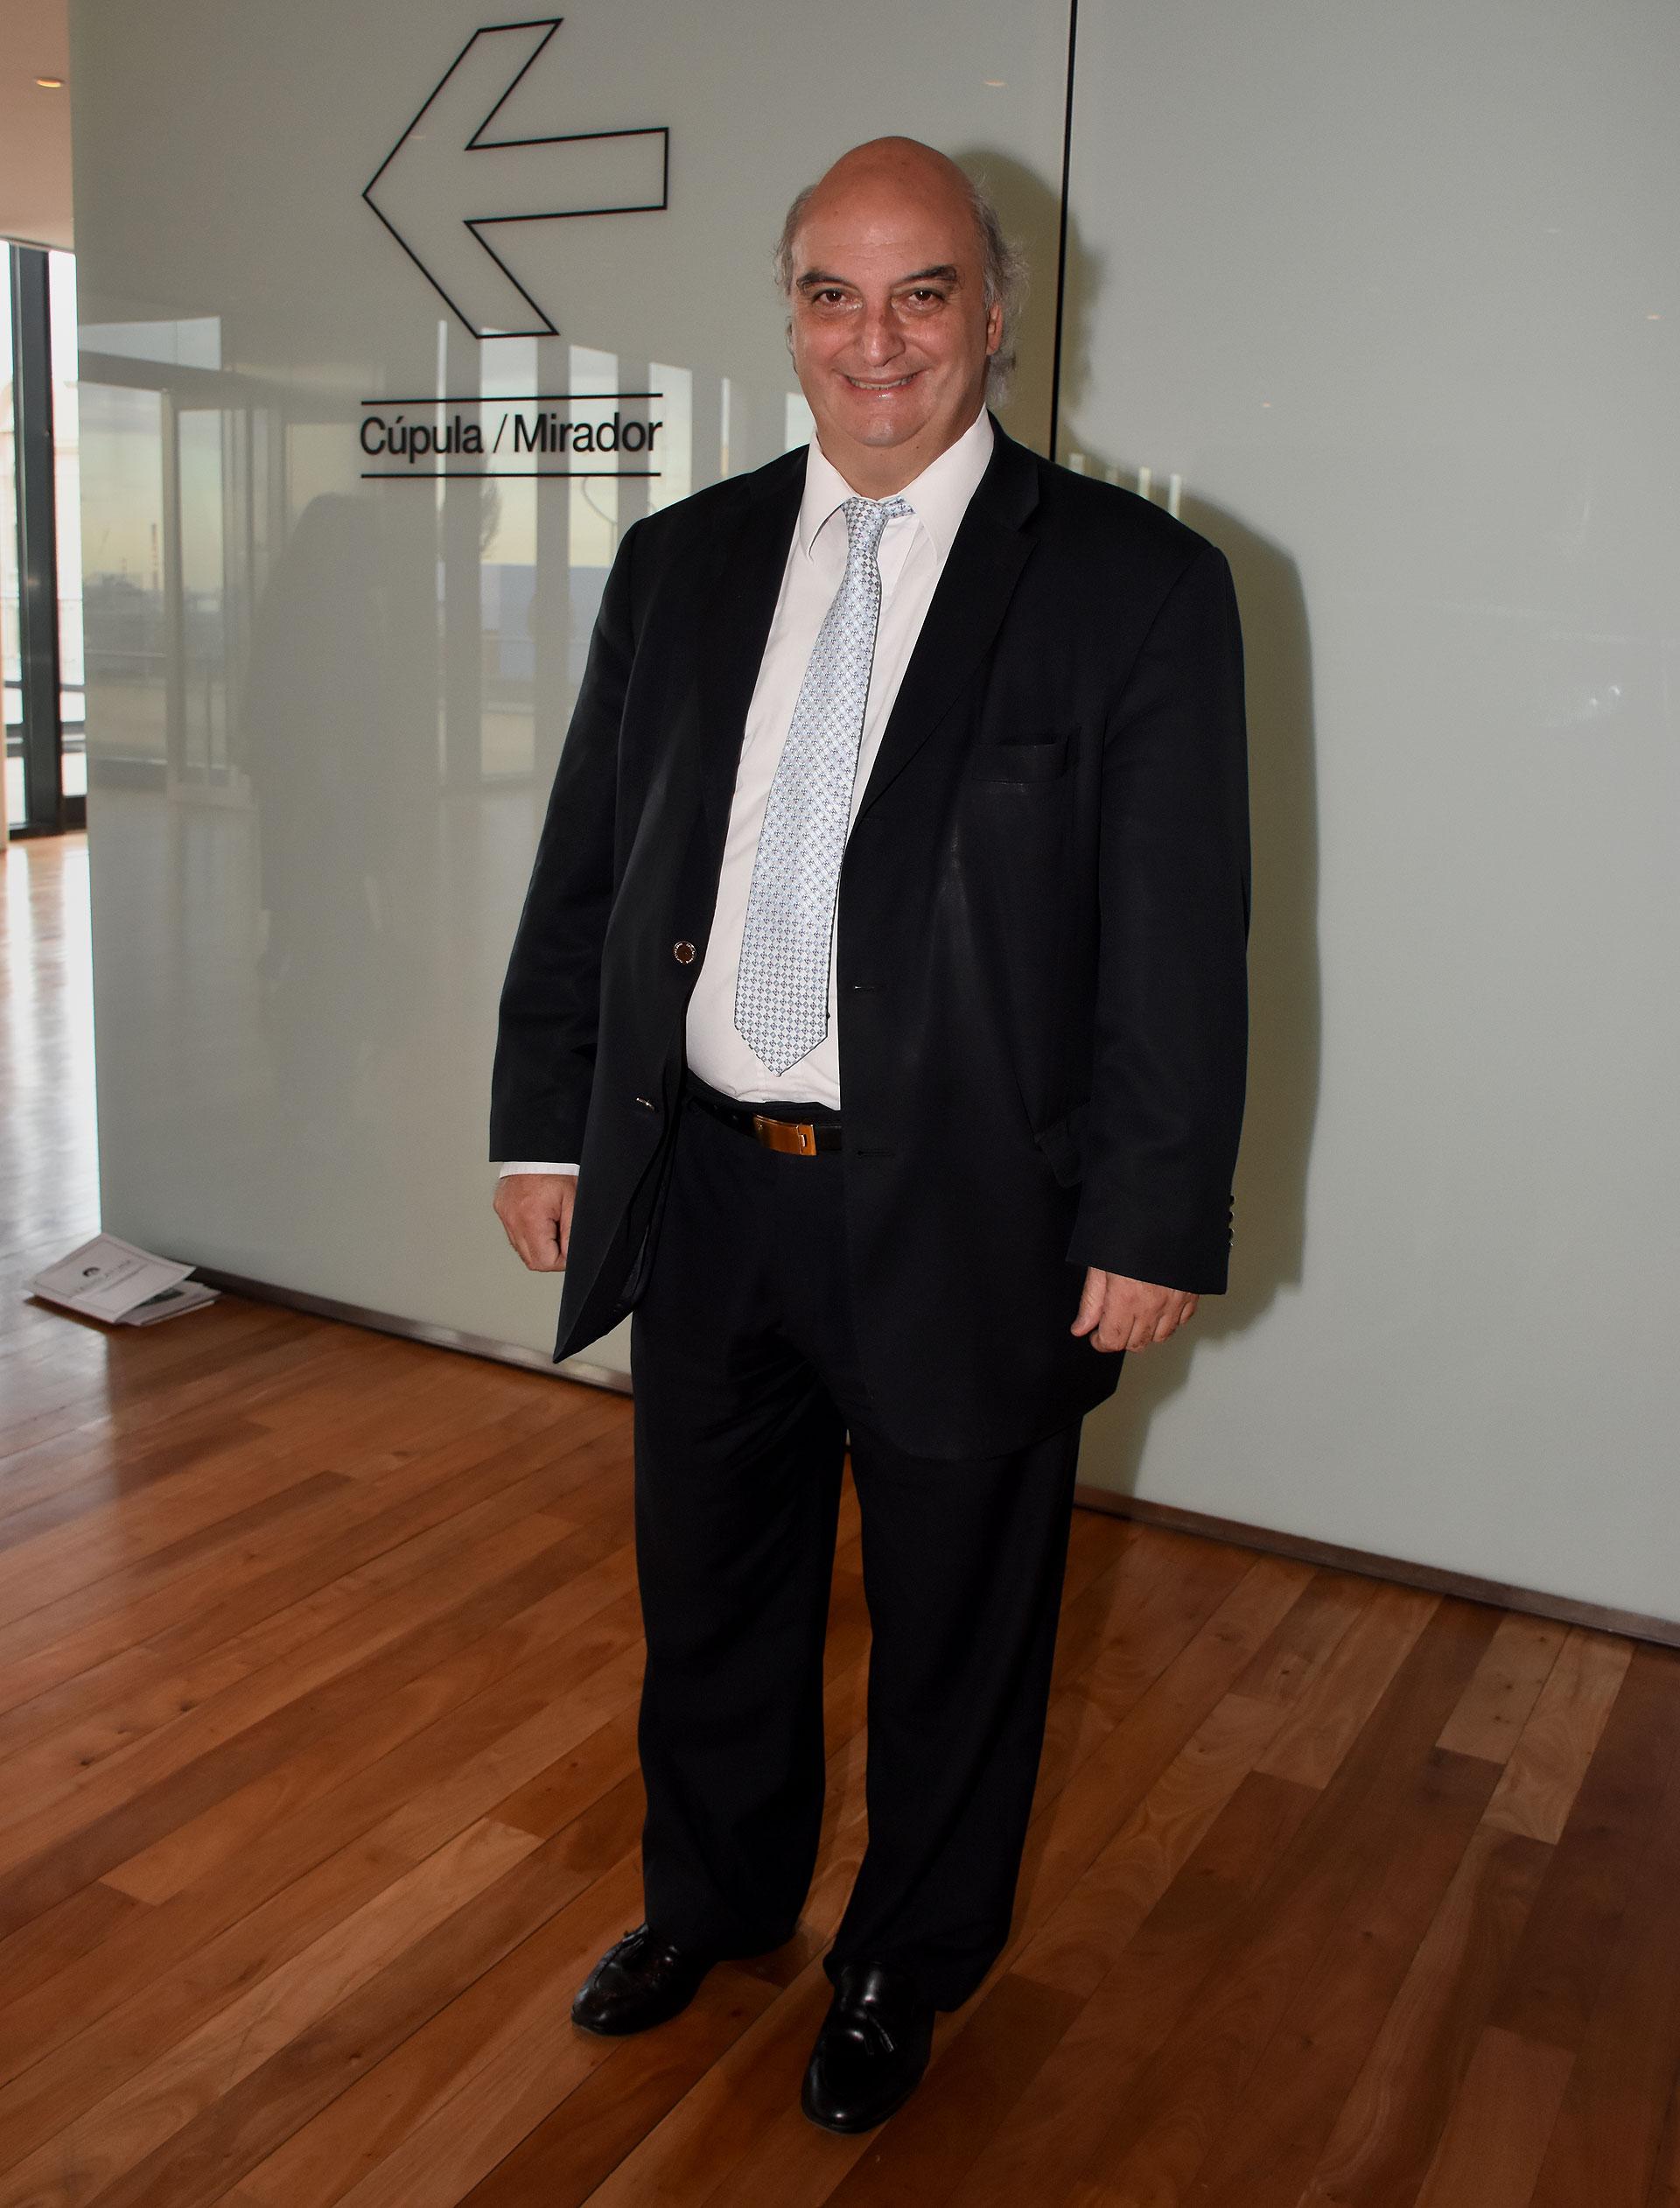 Pablo Garzonio, subsecretario de Fortalecimiento e Intercambio Institucional de la Legislatura Porteña